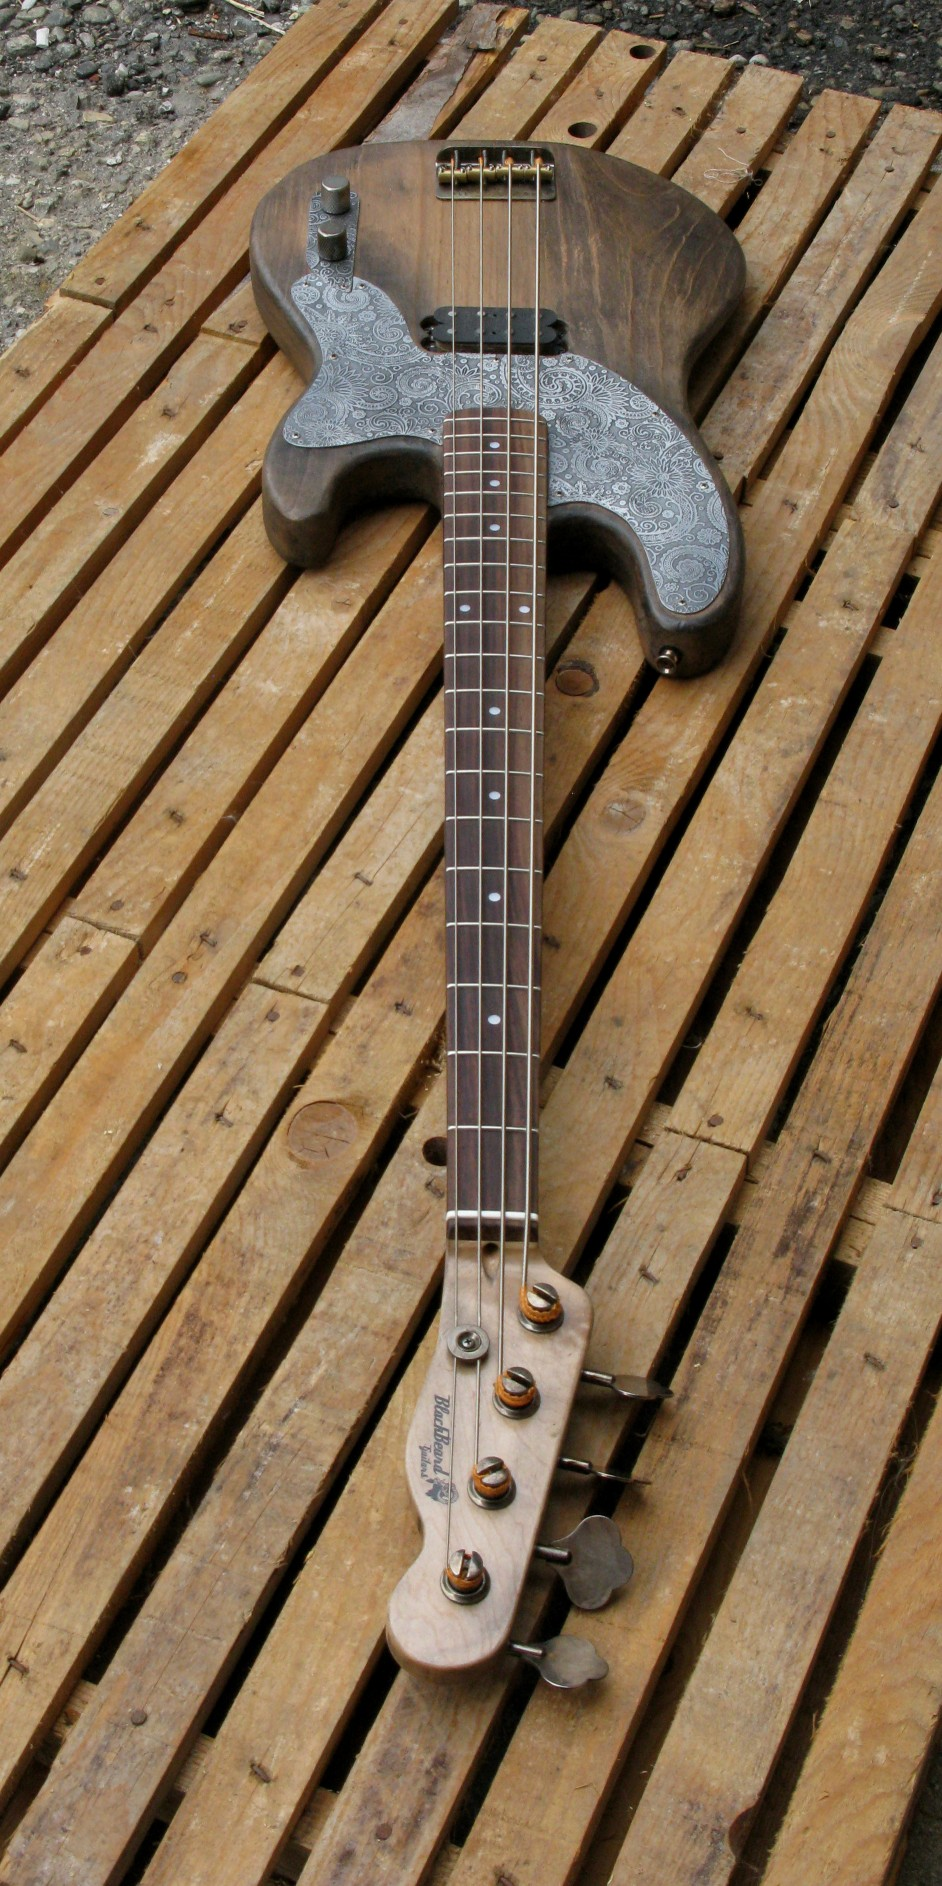 Tastiera in palissandro di un basso Precision in ontano e manico in acero